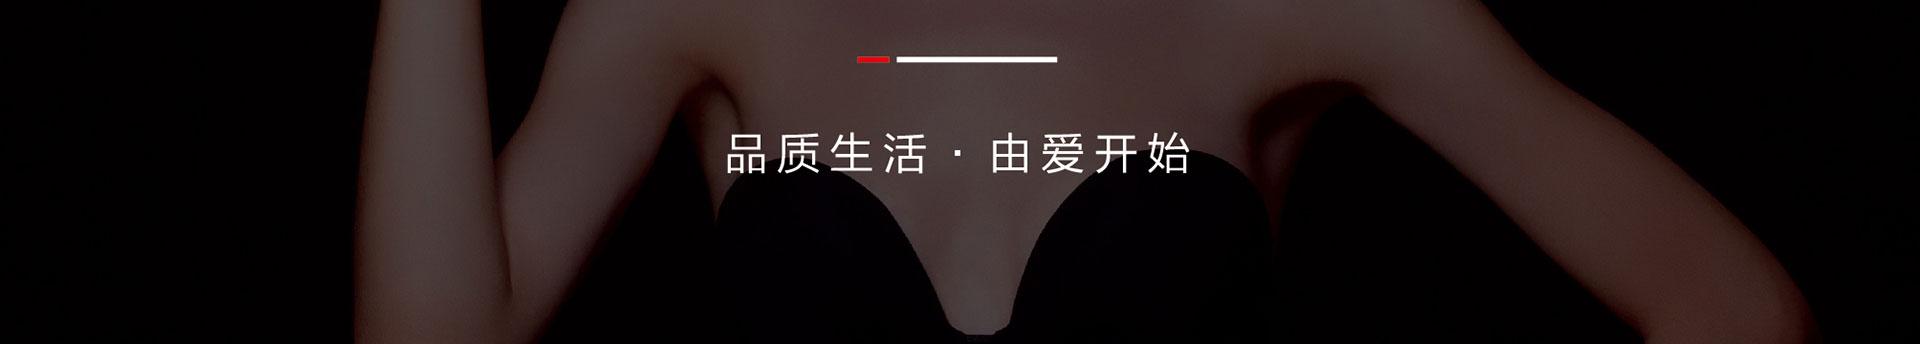 品爱定制pa_20